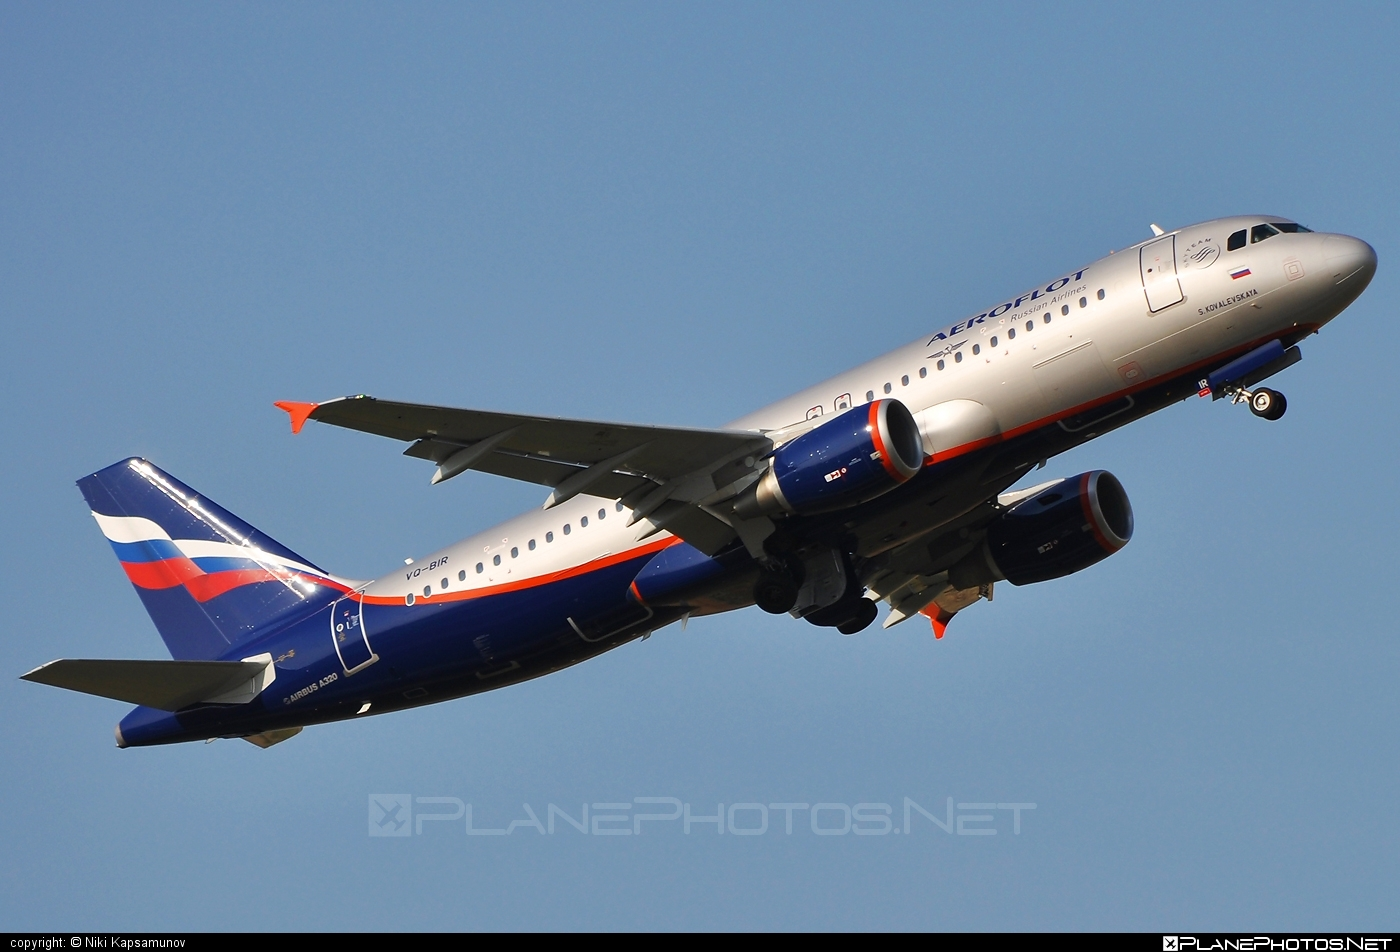 Airbus A320-214 - VQ-BIR operated by Aeroflot #a320 #a320family #aeroflot #airbus #airbus320